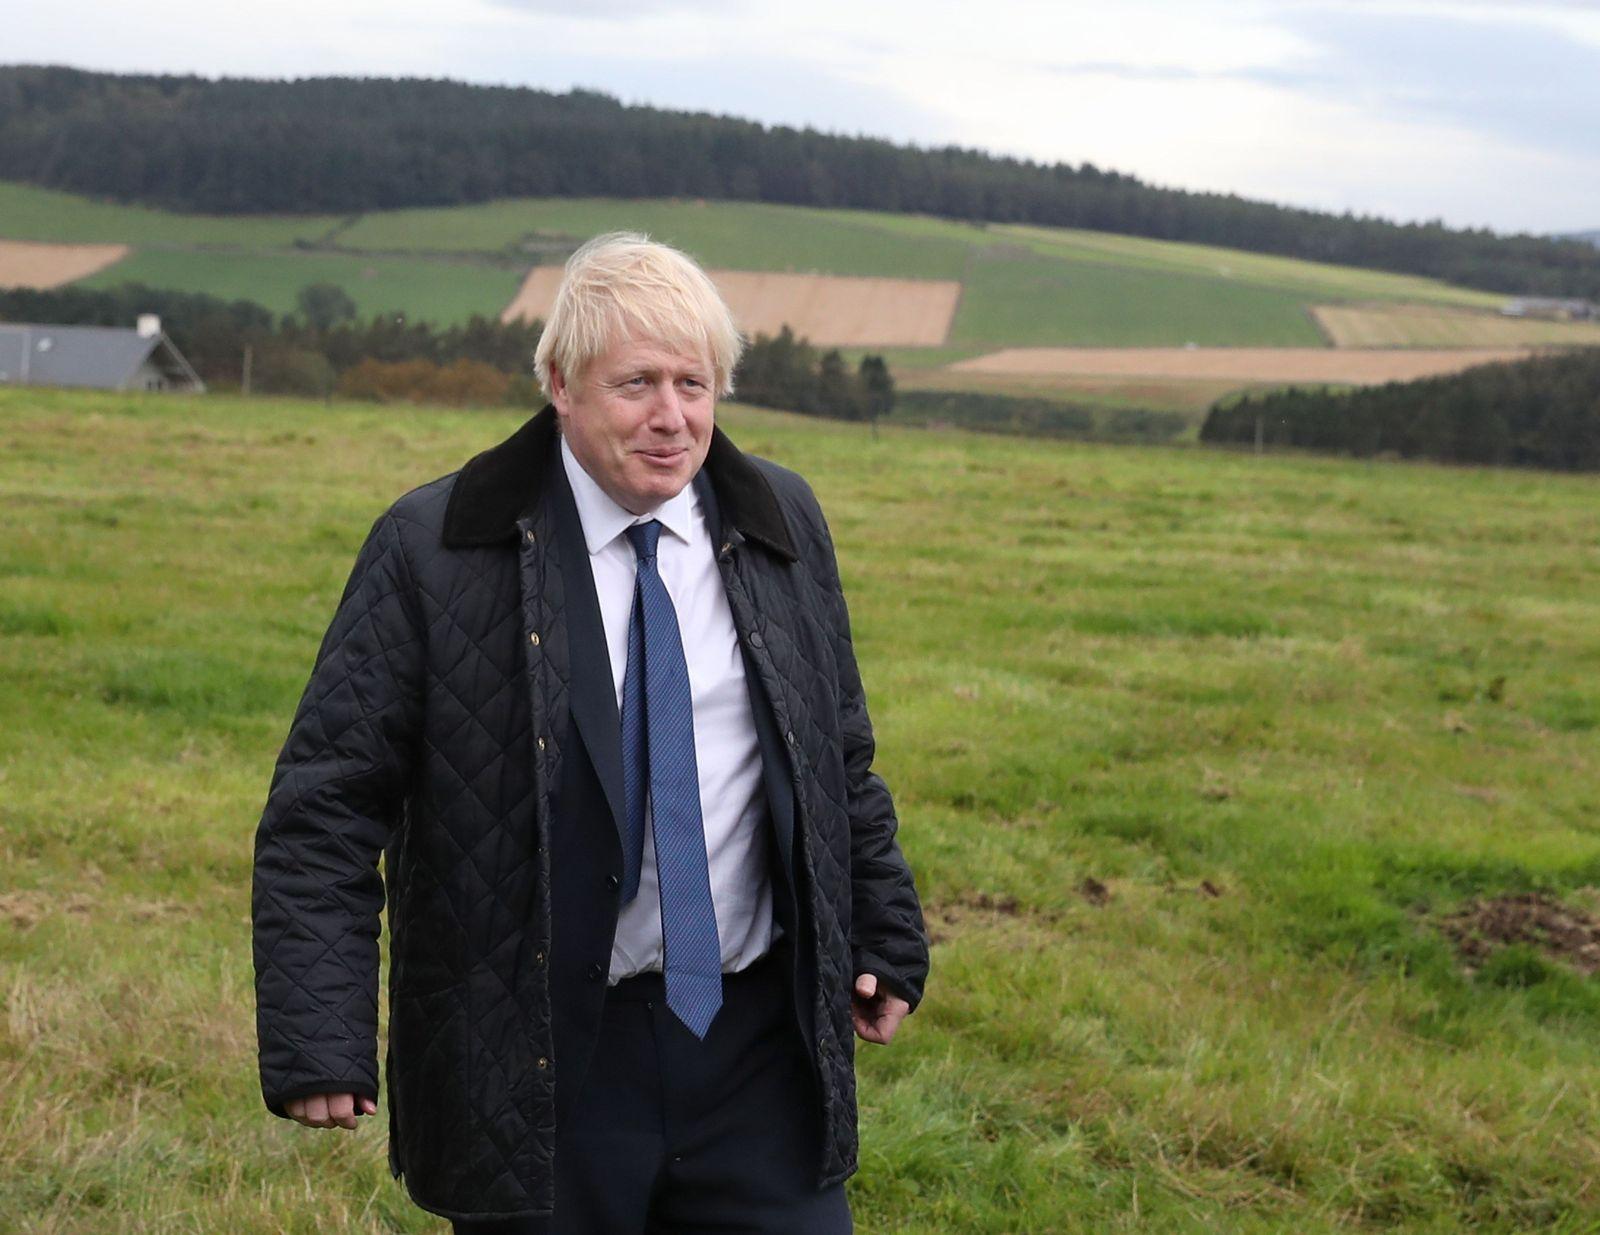 BRITAIN-SCOTLAND-EU-POLITICS-BREXIT